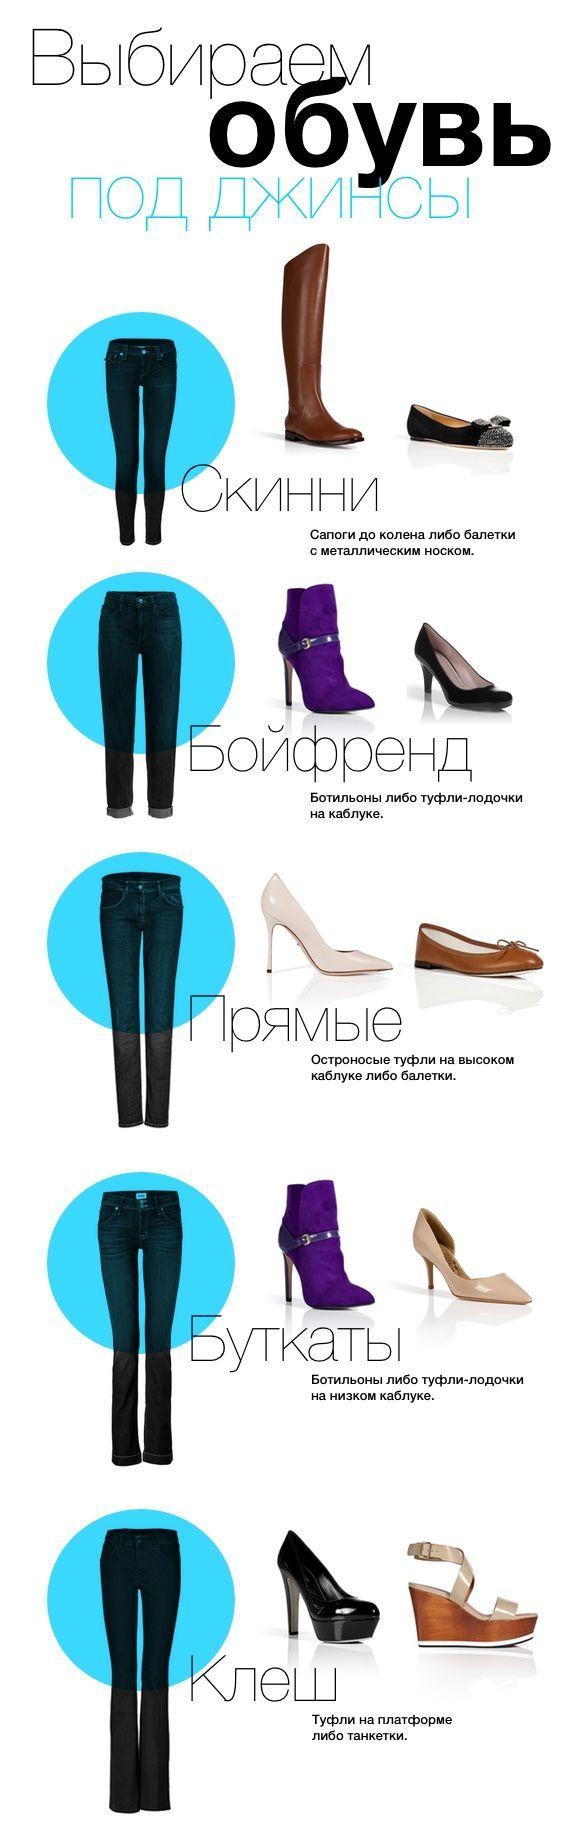 Скинни, прямые, «бойфренды»? Мы перемерили все джинсы и туфли, что у нас есть, и выбрали для вас наилучшие сочетания.  Смотрим инфографику полностью - http://www.yapokupayu.ru/blogs/post/infografika-podbiraem-tufli-k-dzhinsam